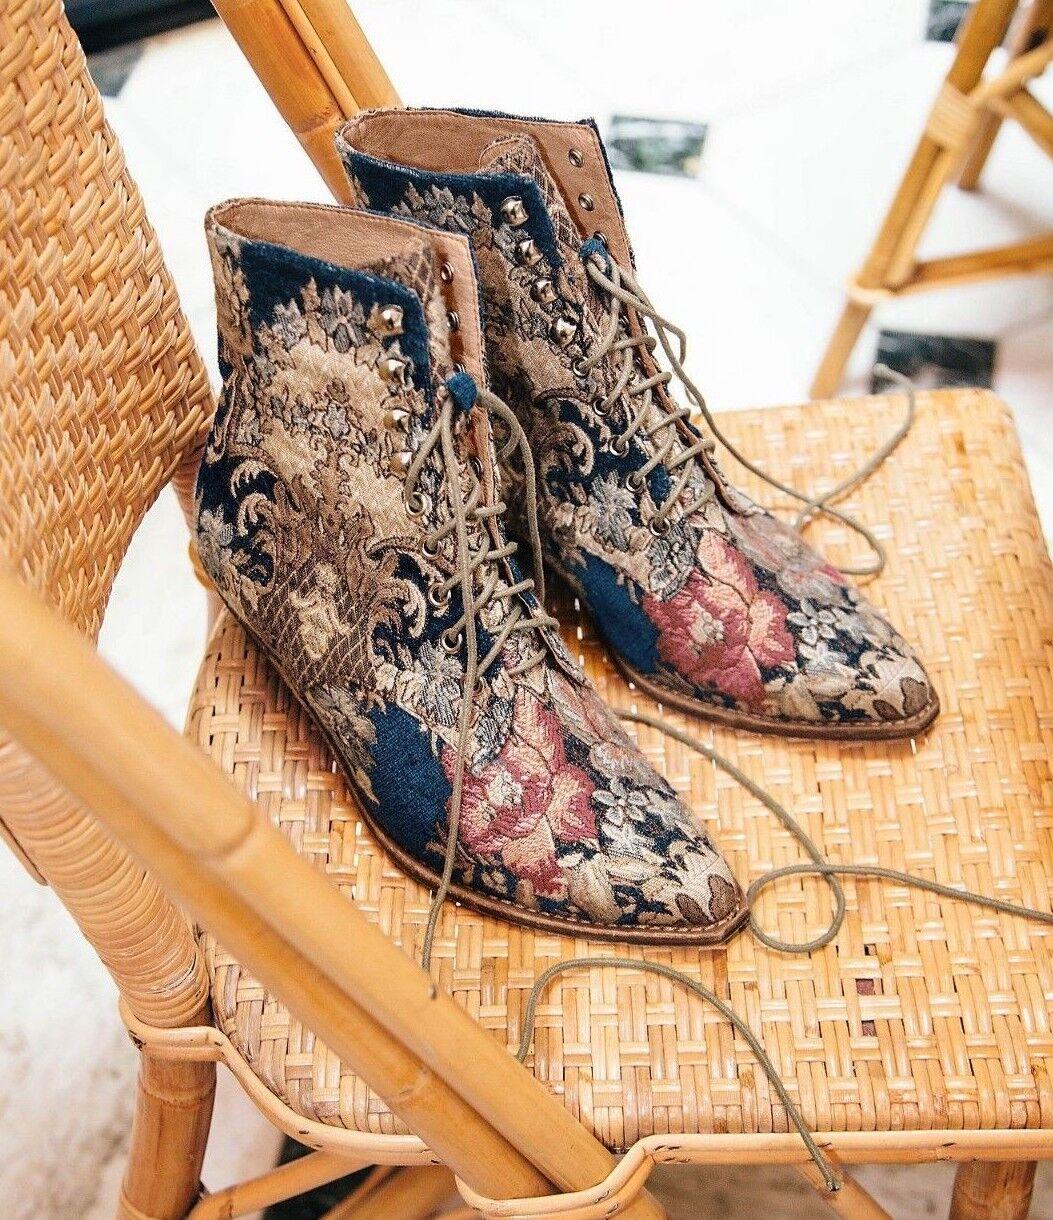 el mas de moda Free Free Free People Jeffrey Campbell Grove botas acordonadas azul de Paisley occidental ☮ tamaño 7  60% de descuento